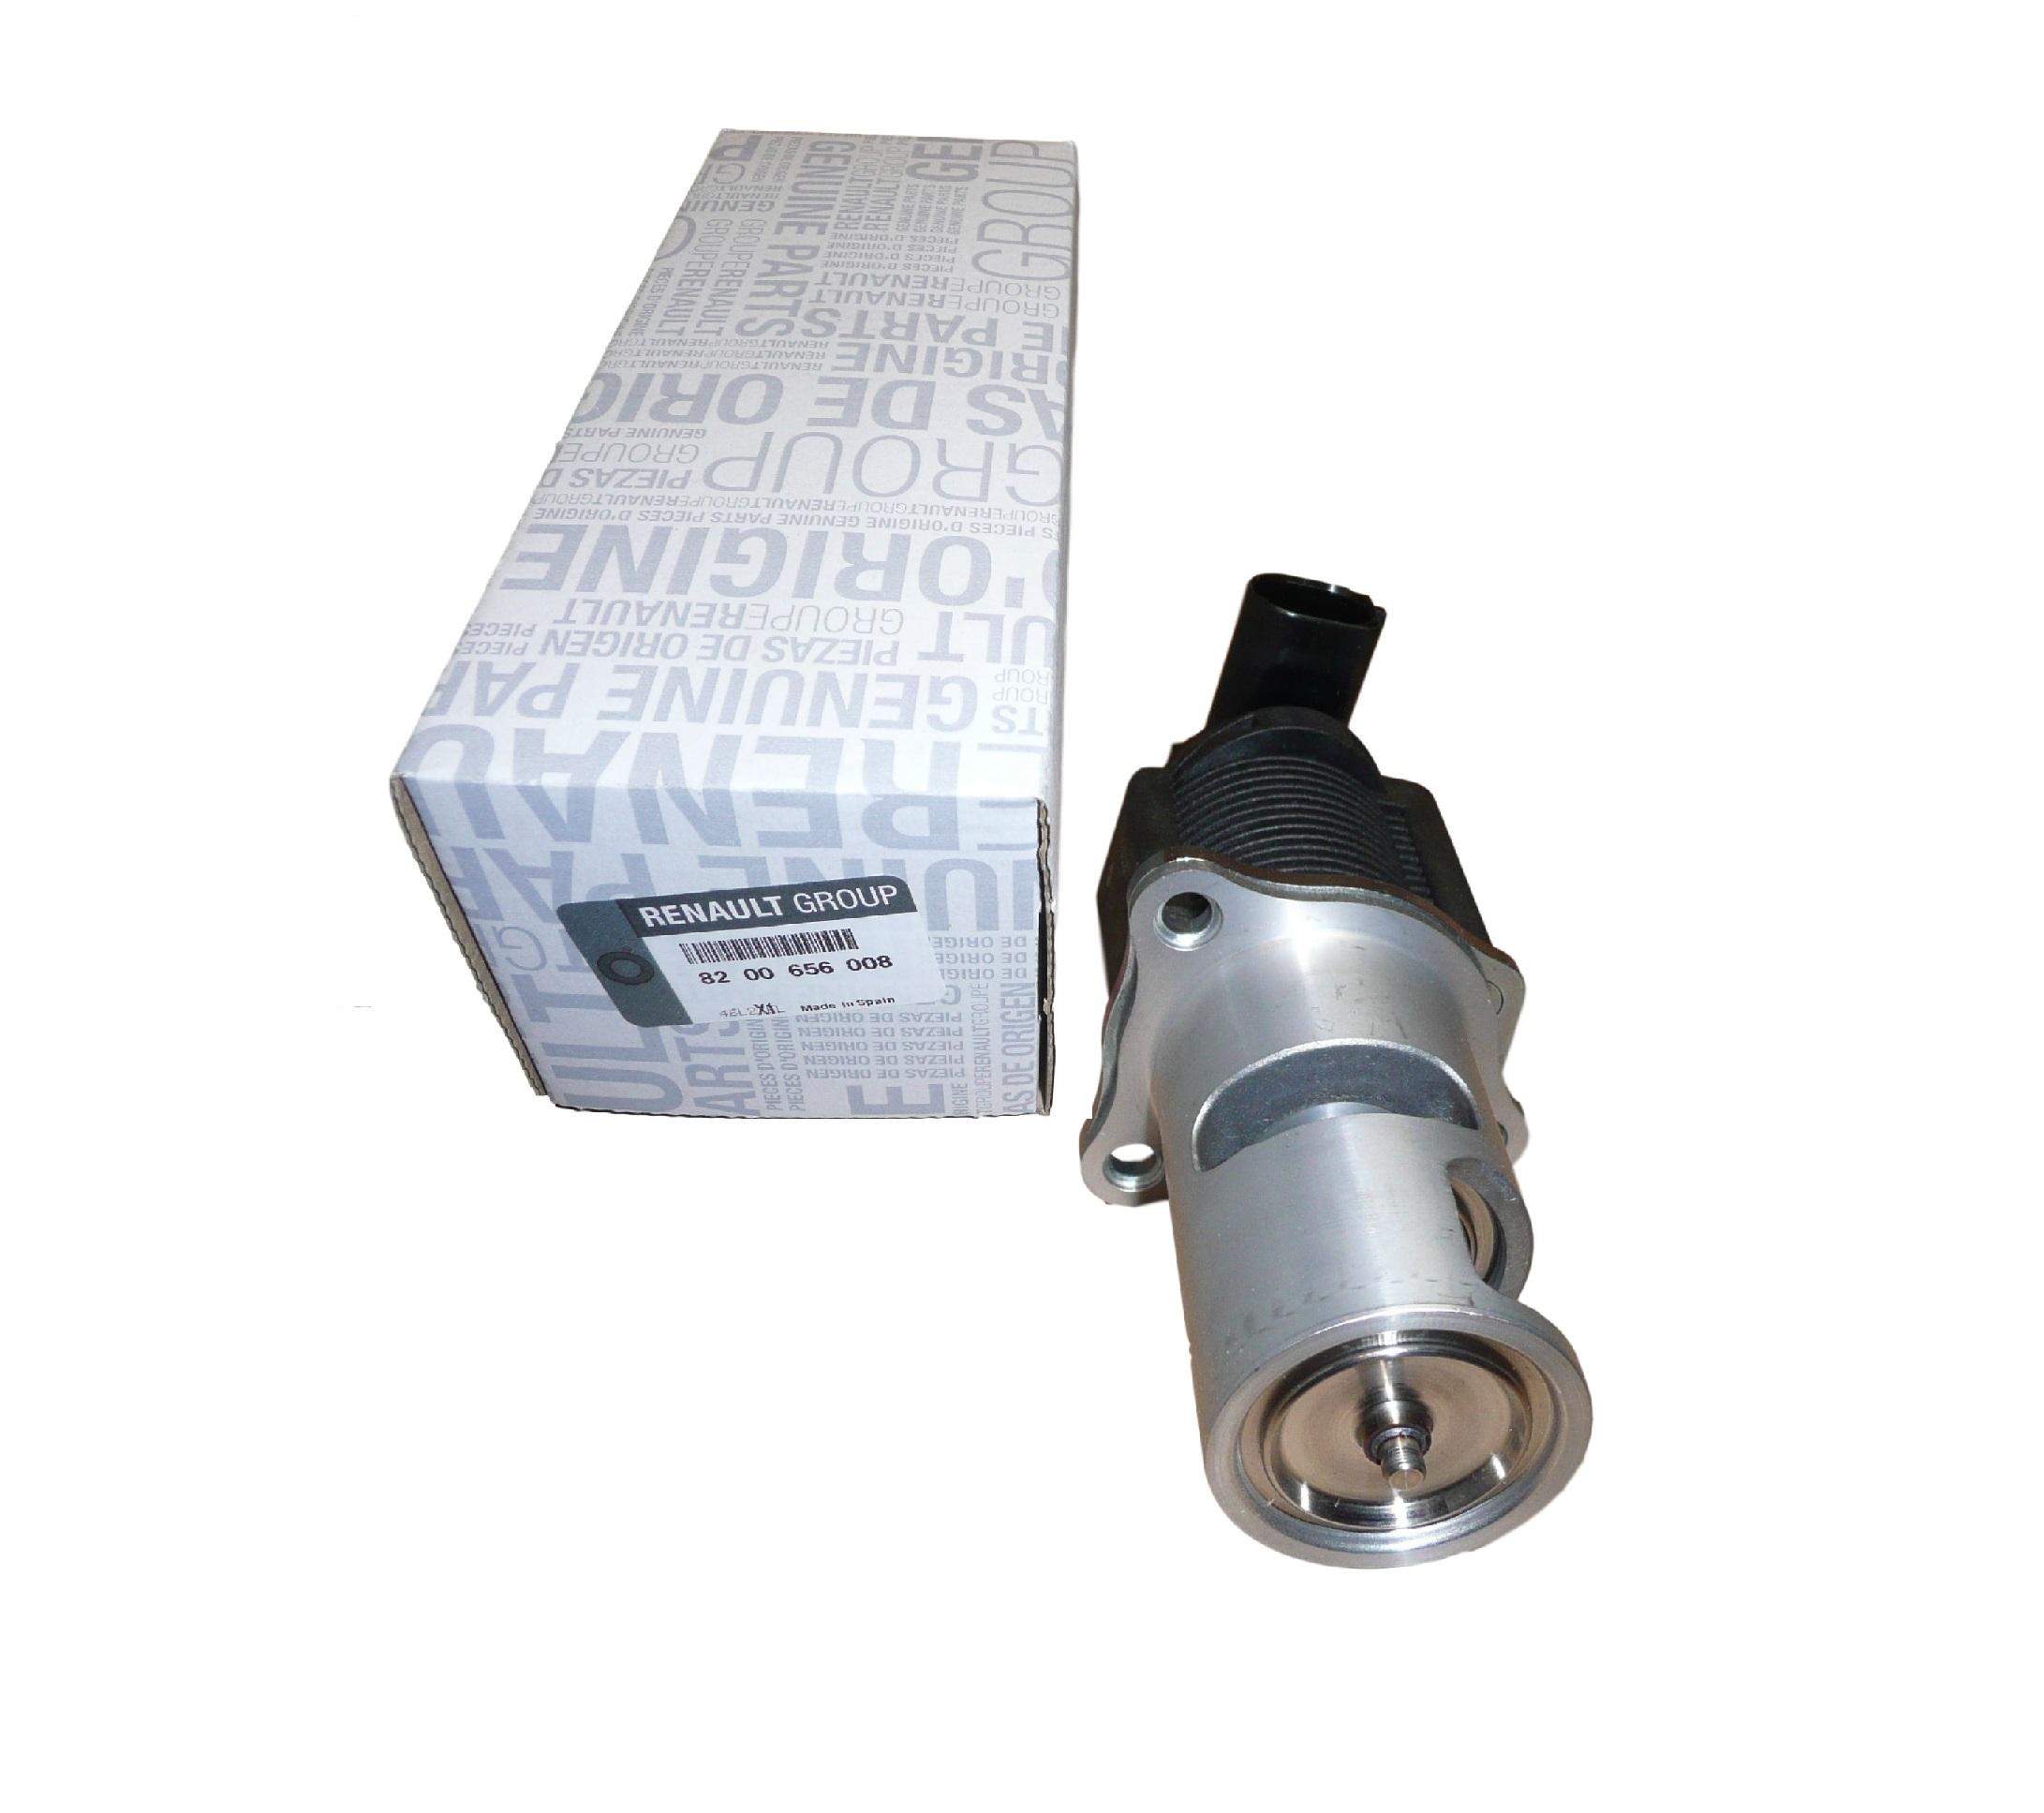 клапан системы рециркуляции ог renault dacia 15dci 8200656008 orginal